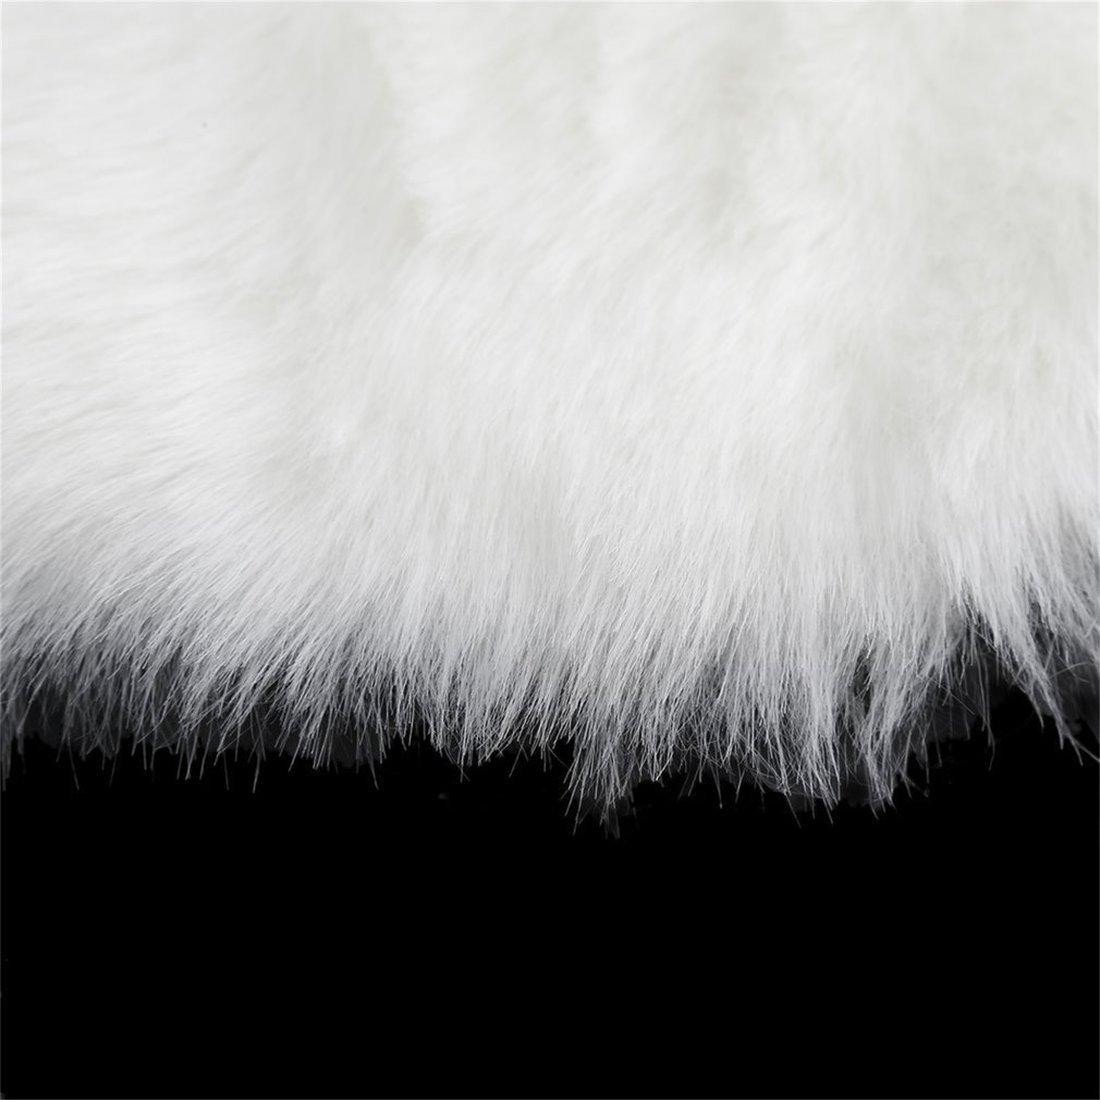 Dailyinshop Super Soft Faux Copridivano copridivano caldo peloso Tappeto Sedile Pad Fluffy Rugs (Colore: bianco)